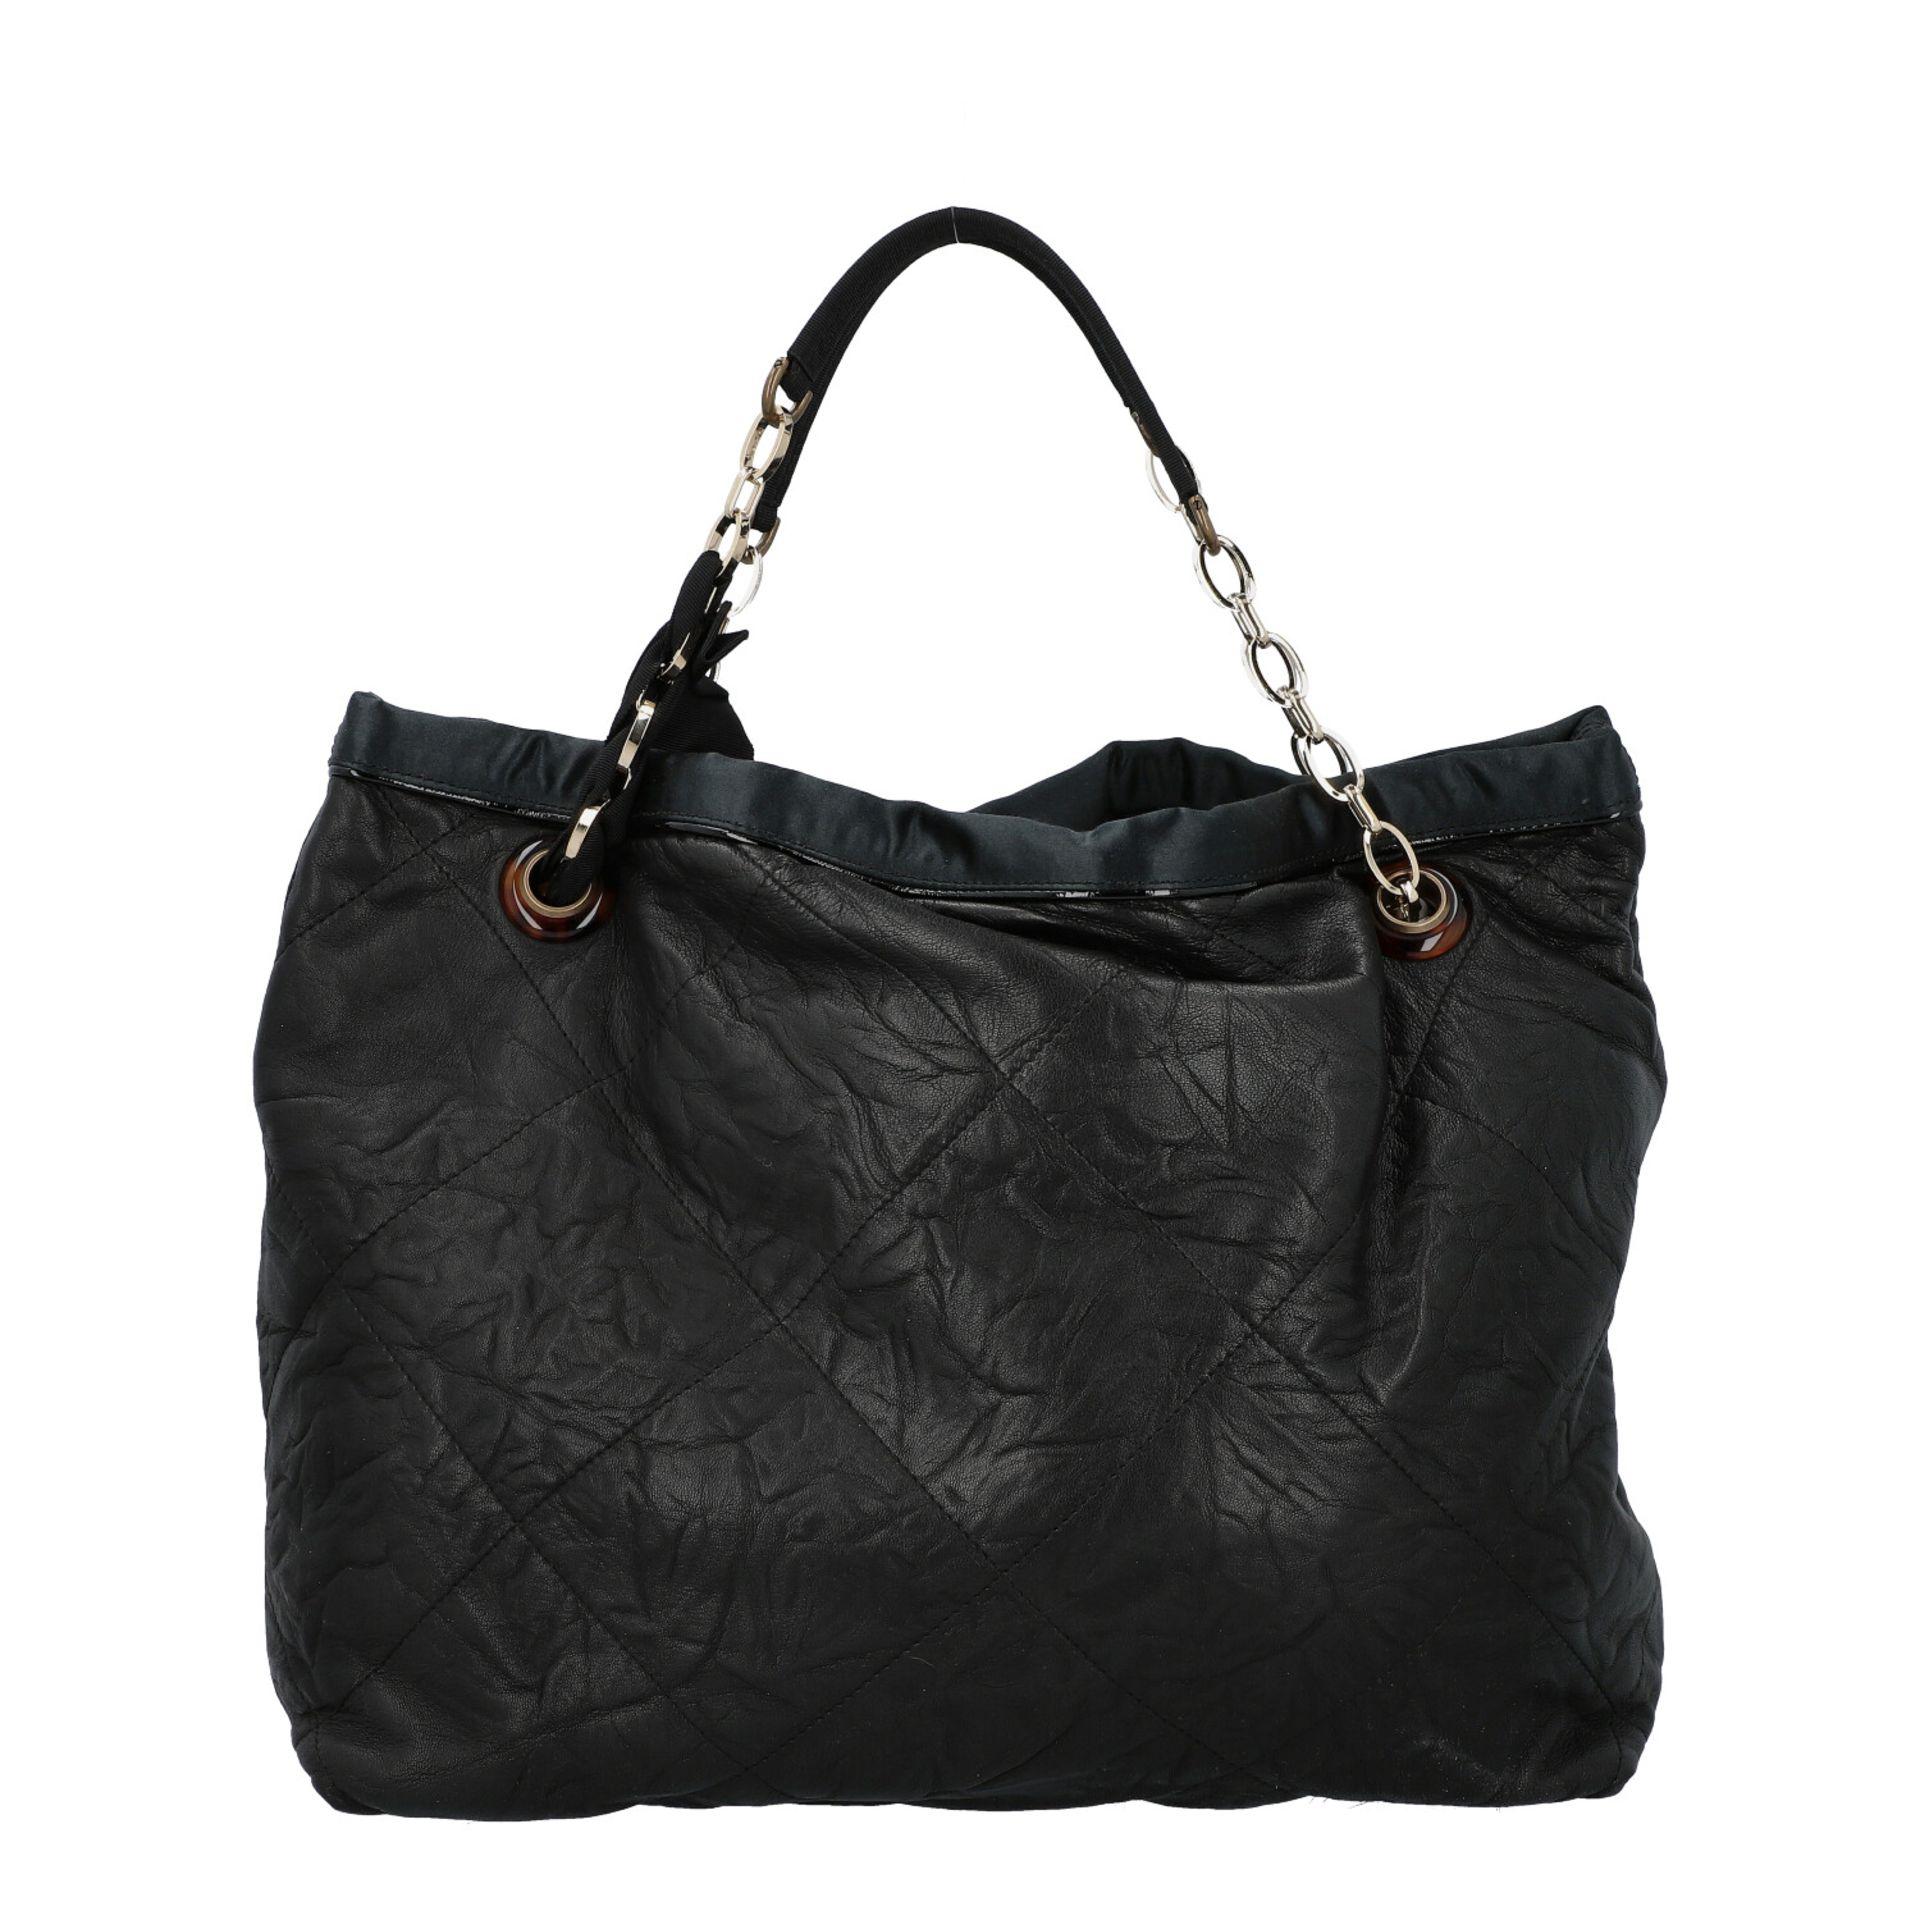 LANVIN Shoppertasche. Softes Leder in Schwarz mit Rautensteppung und dekorativen Trage - Image 4 of 8